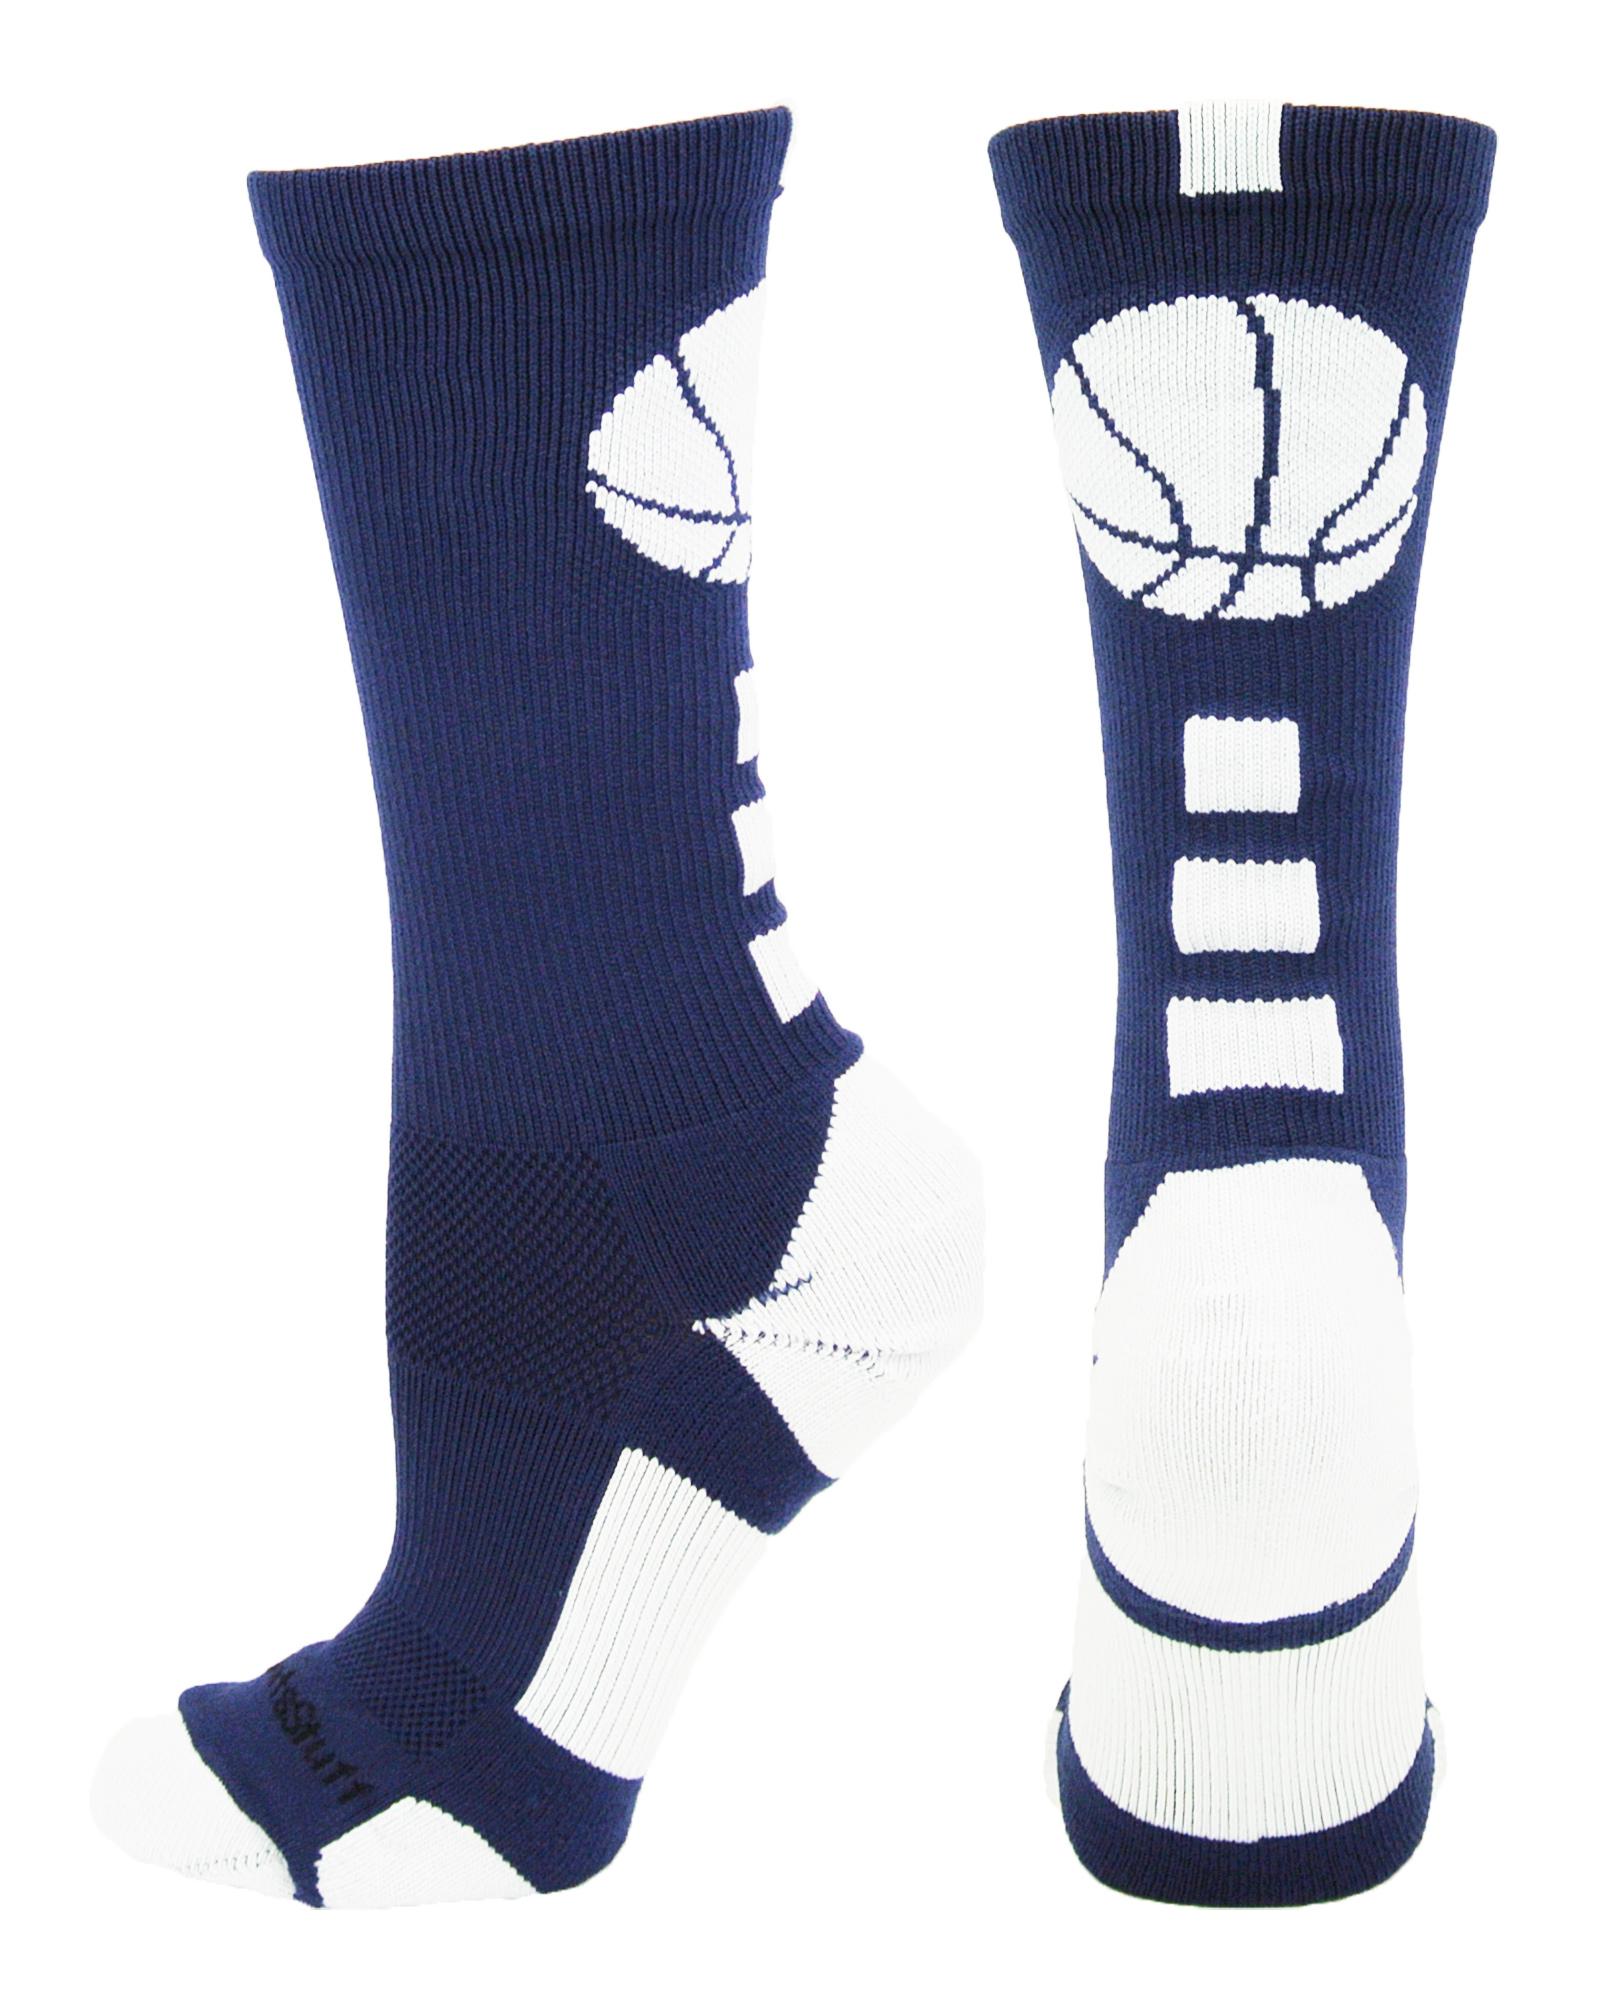 Boys' Socks | Athletic & Crew Socks for Kids| Finish Line